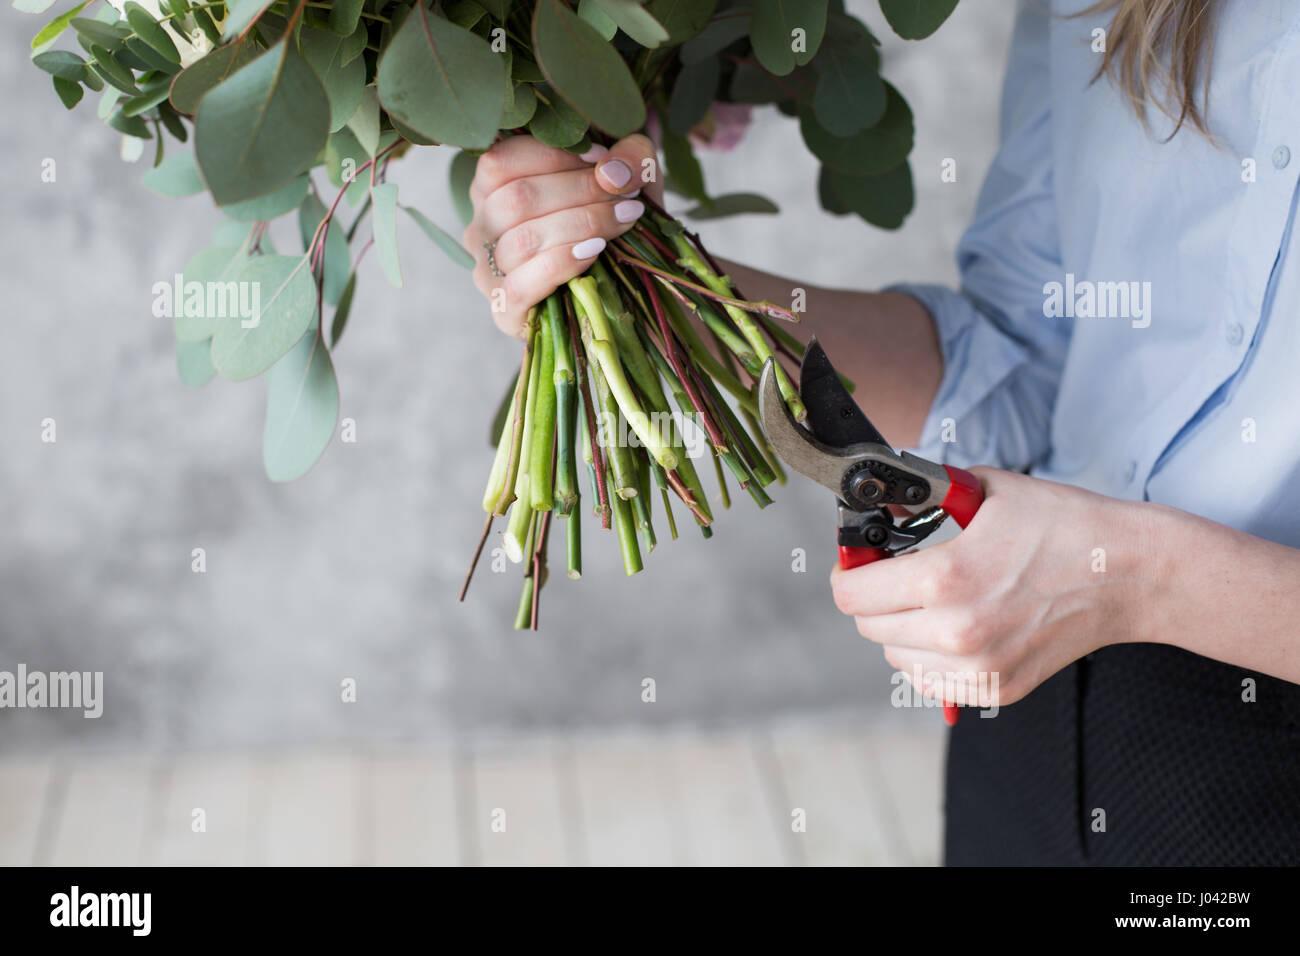 Floristería en el trabajo: bastante joven haciendo moda moderno ramo de flores diferentes Imagen De Stock